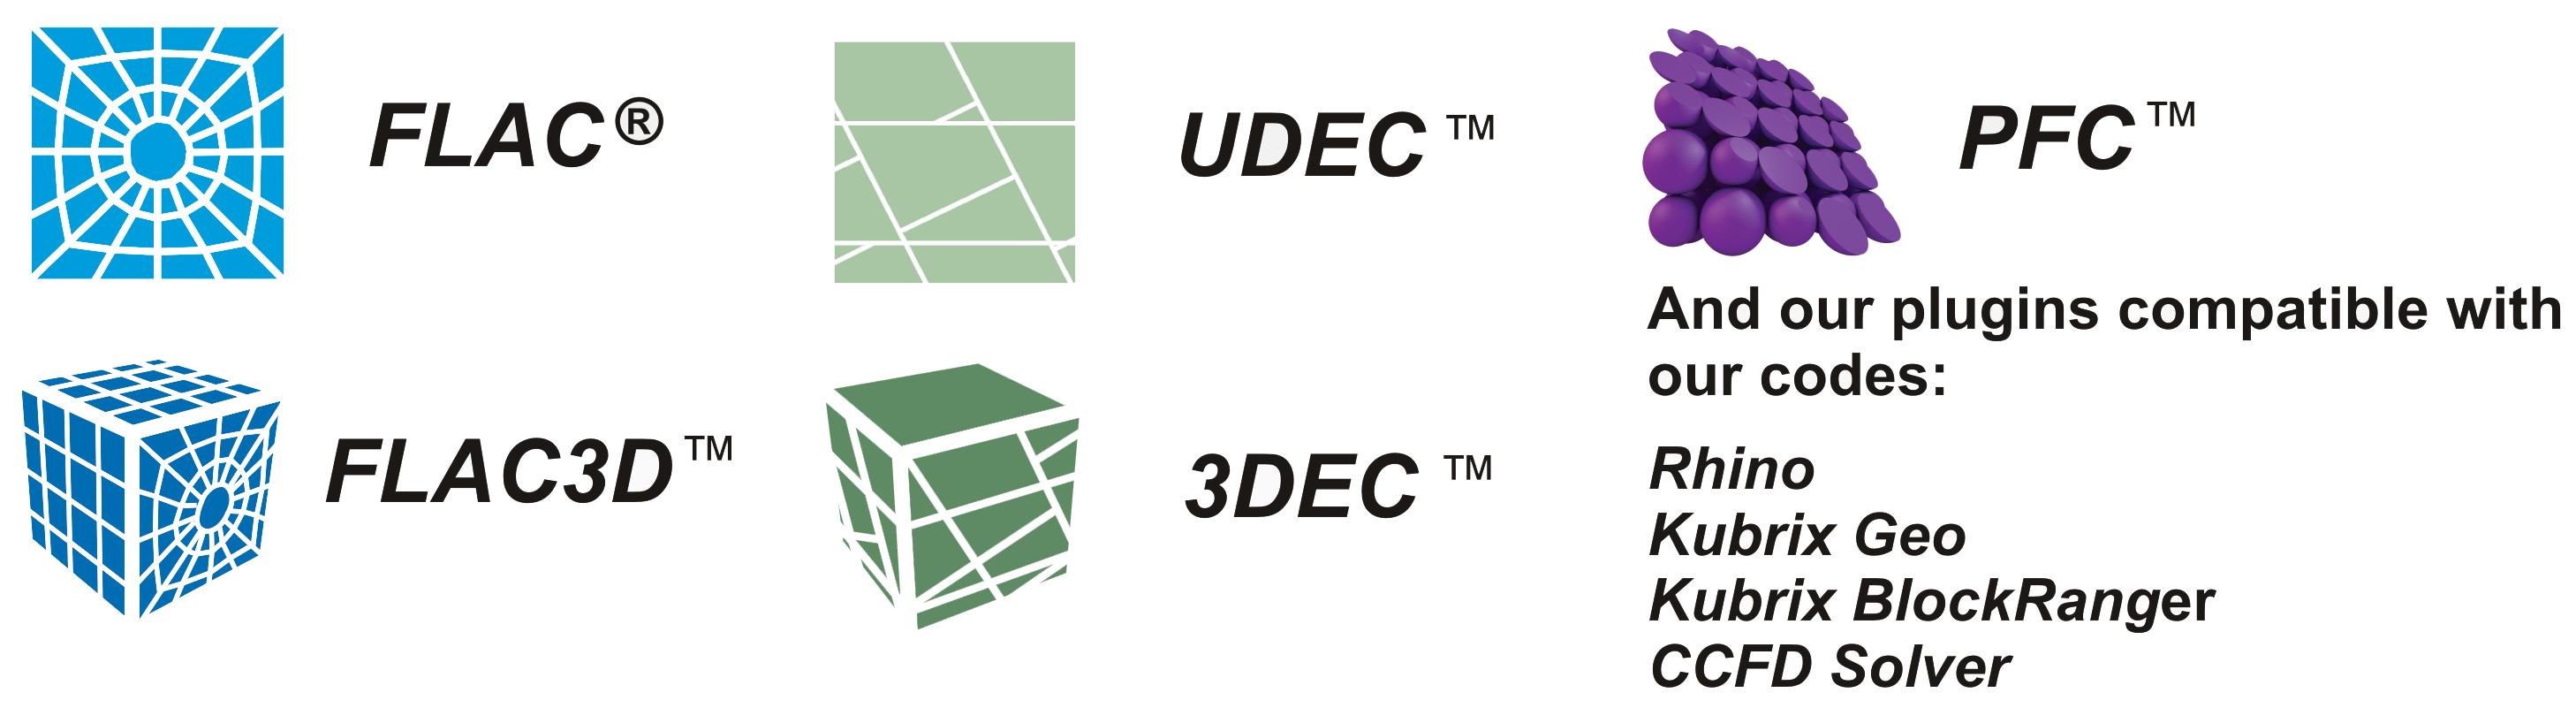 انجام پروه با نرم افزار 3DEC